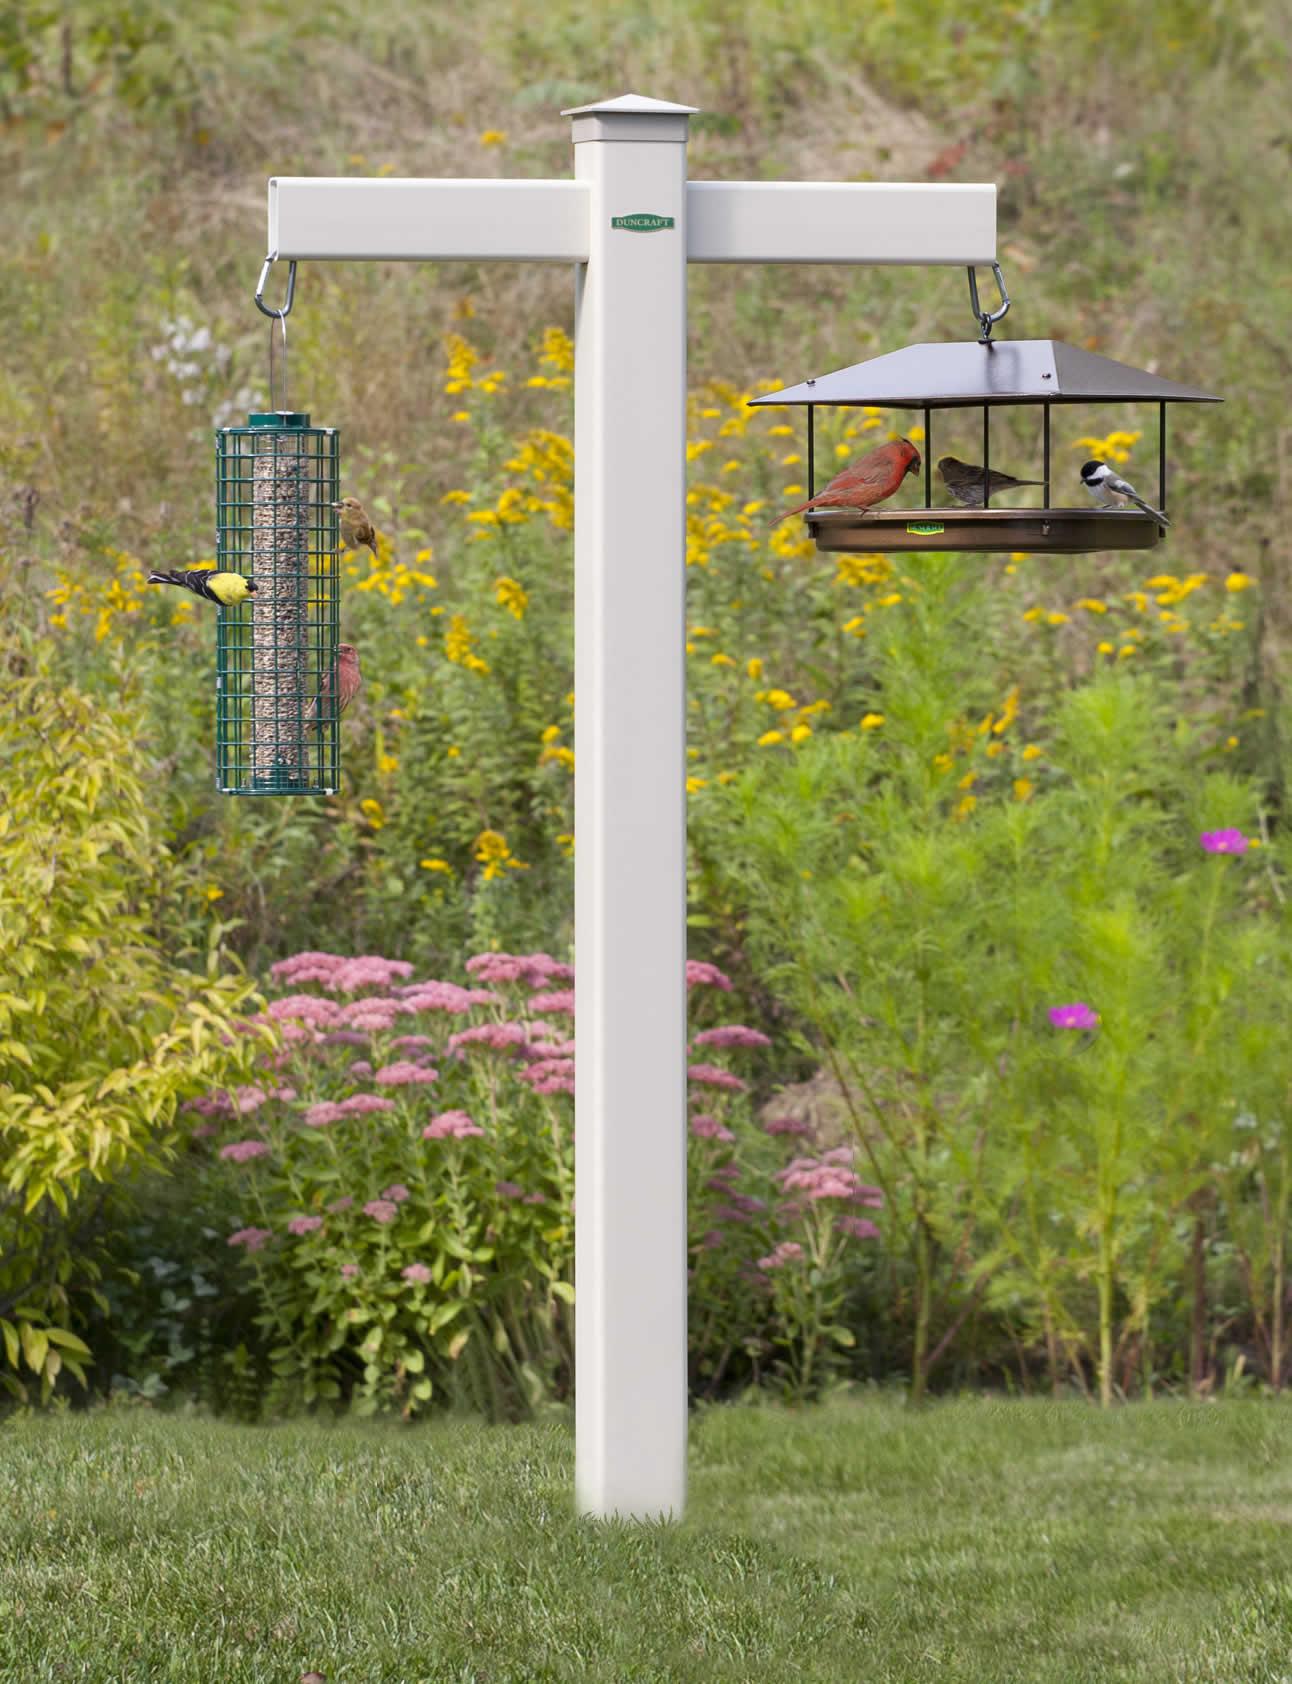 hangers bath mounted backyard feeder decks deck pinterest pin bird for to miniature